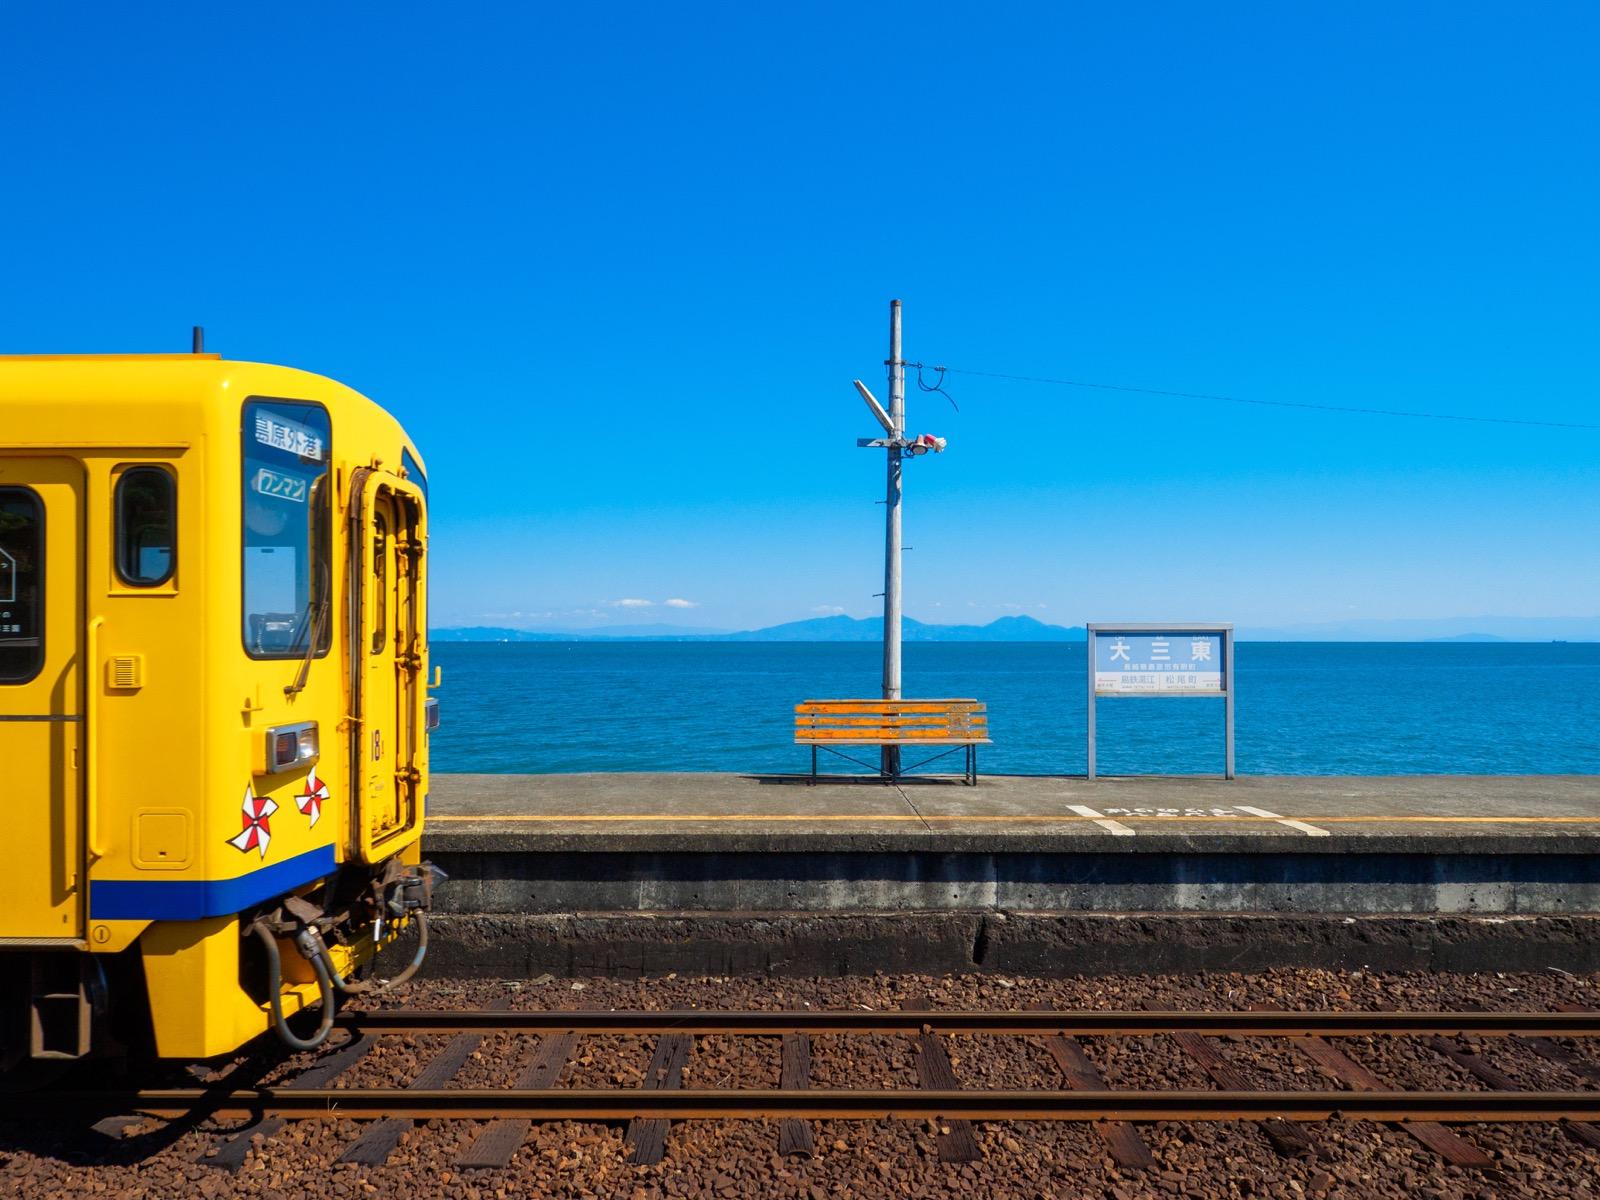 大三東駅のホームから見た有明海と、島原鉄道の黄色い列車